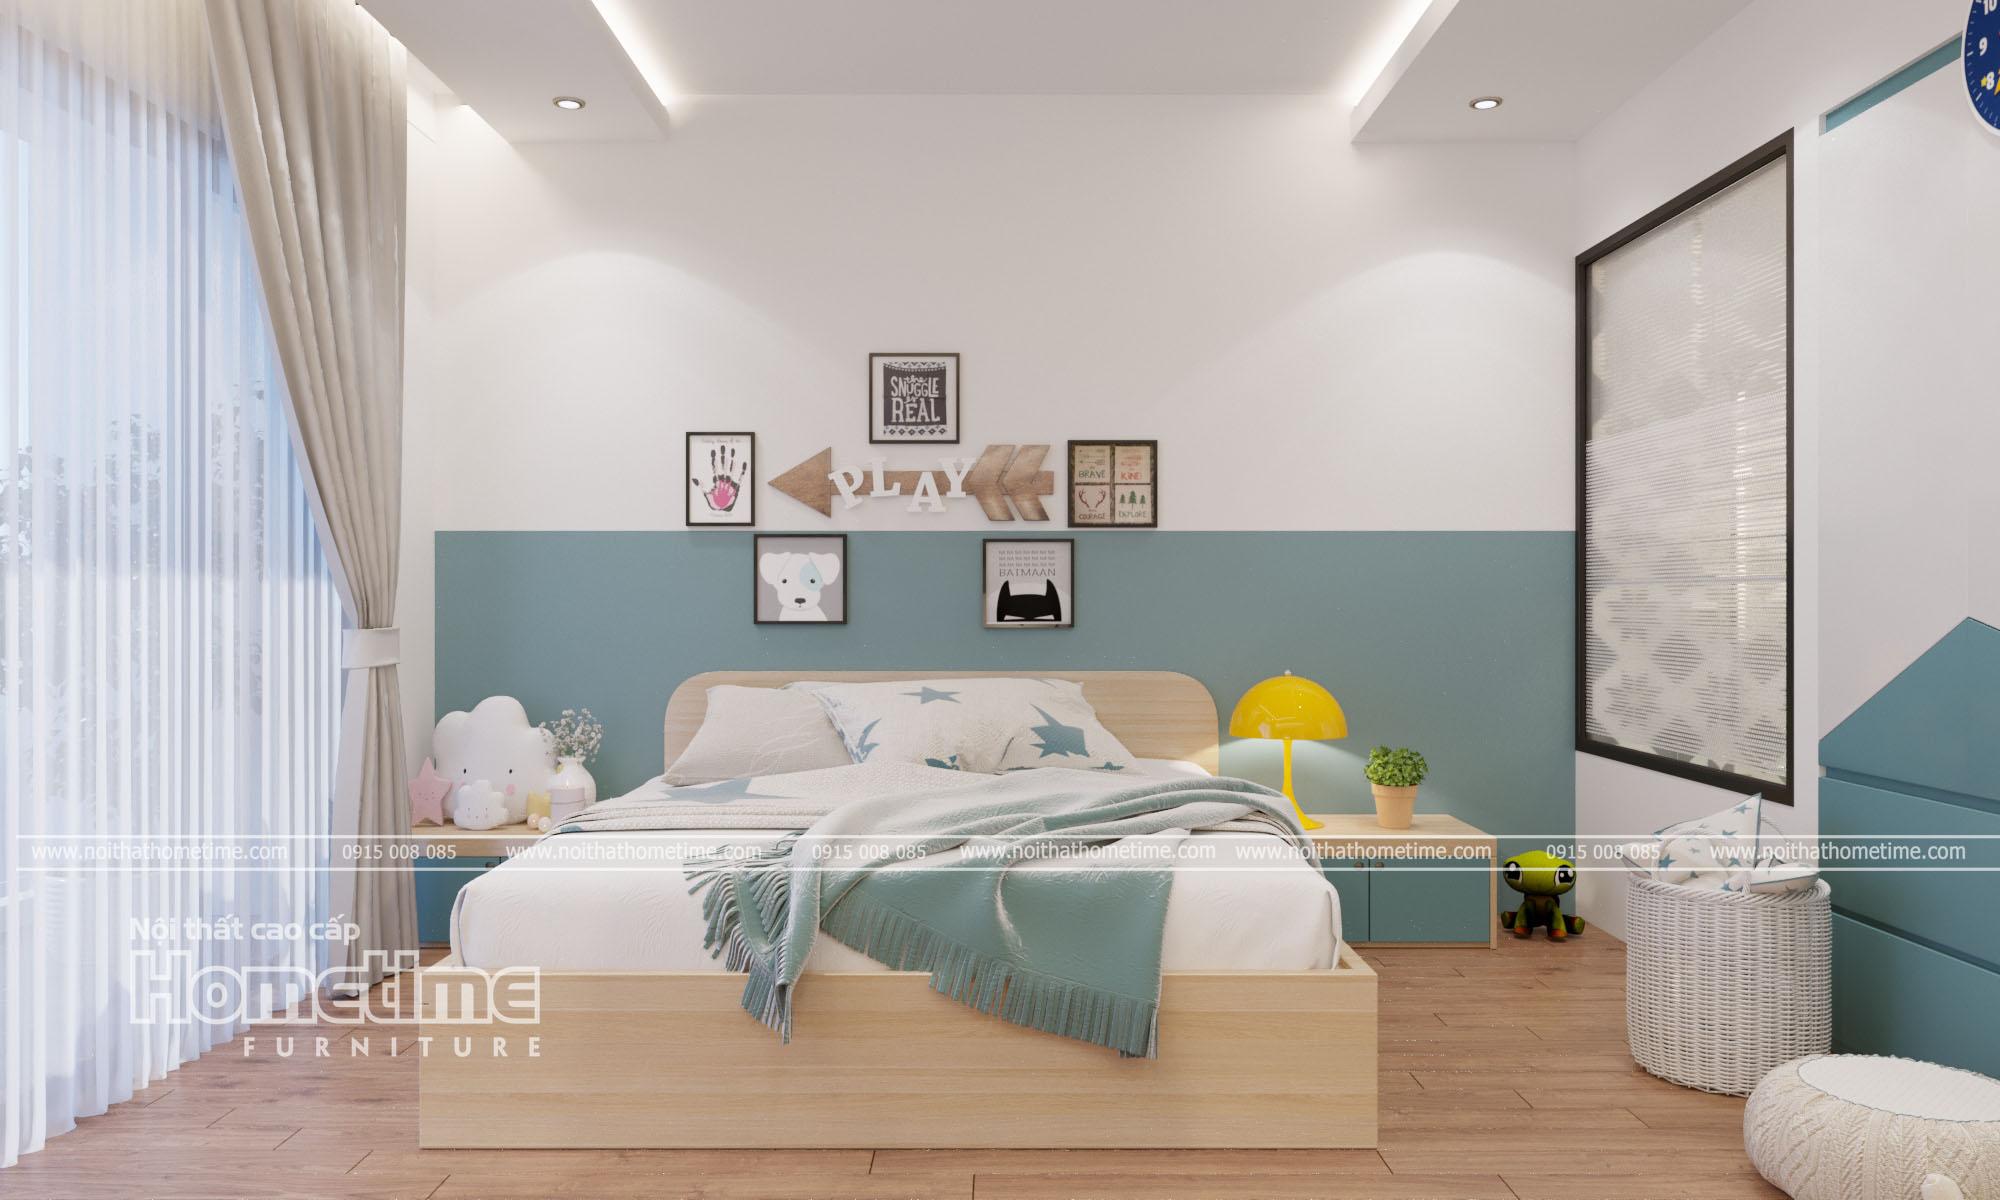 Giường ngủ hiện đại mang đến những giấc ngủ sâu cho trẻ